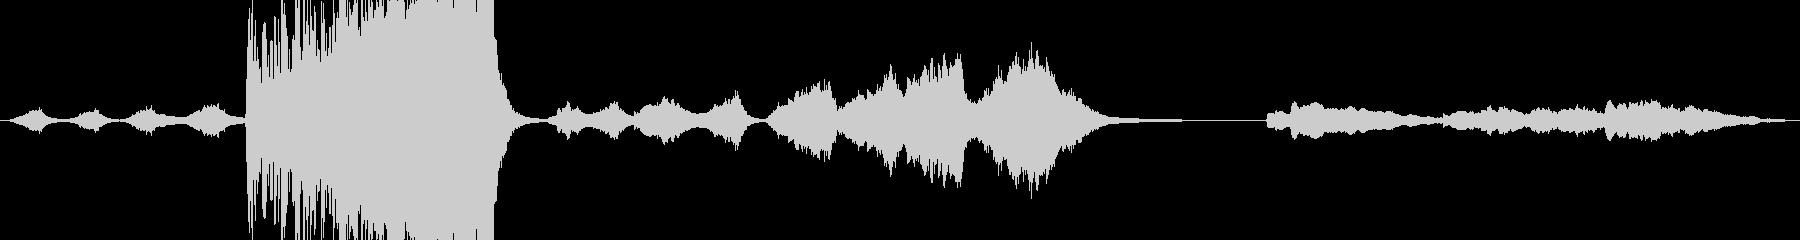 サスペンスcの未再生の波形